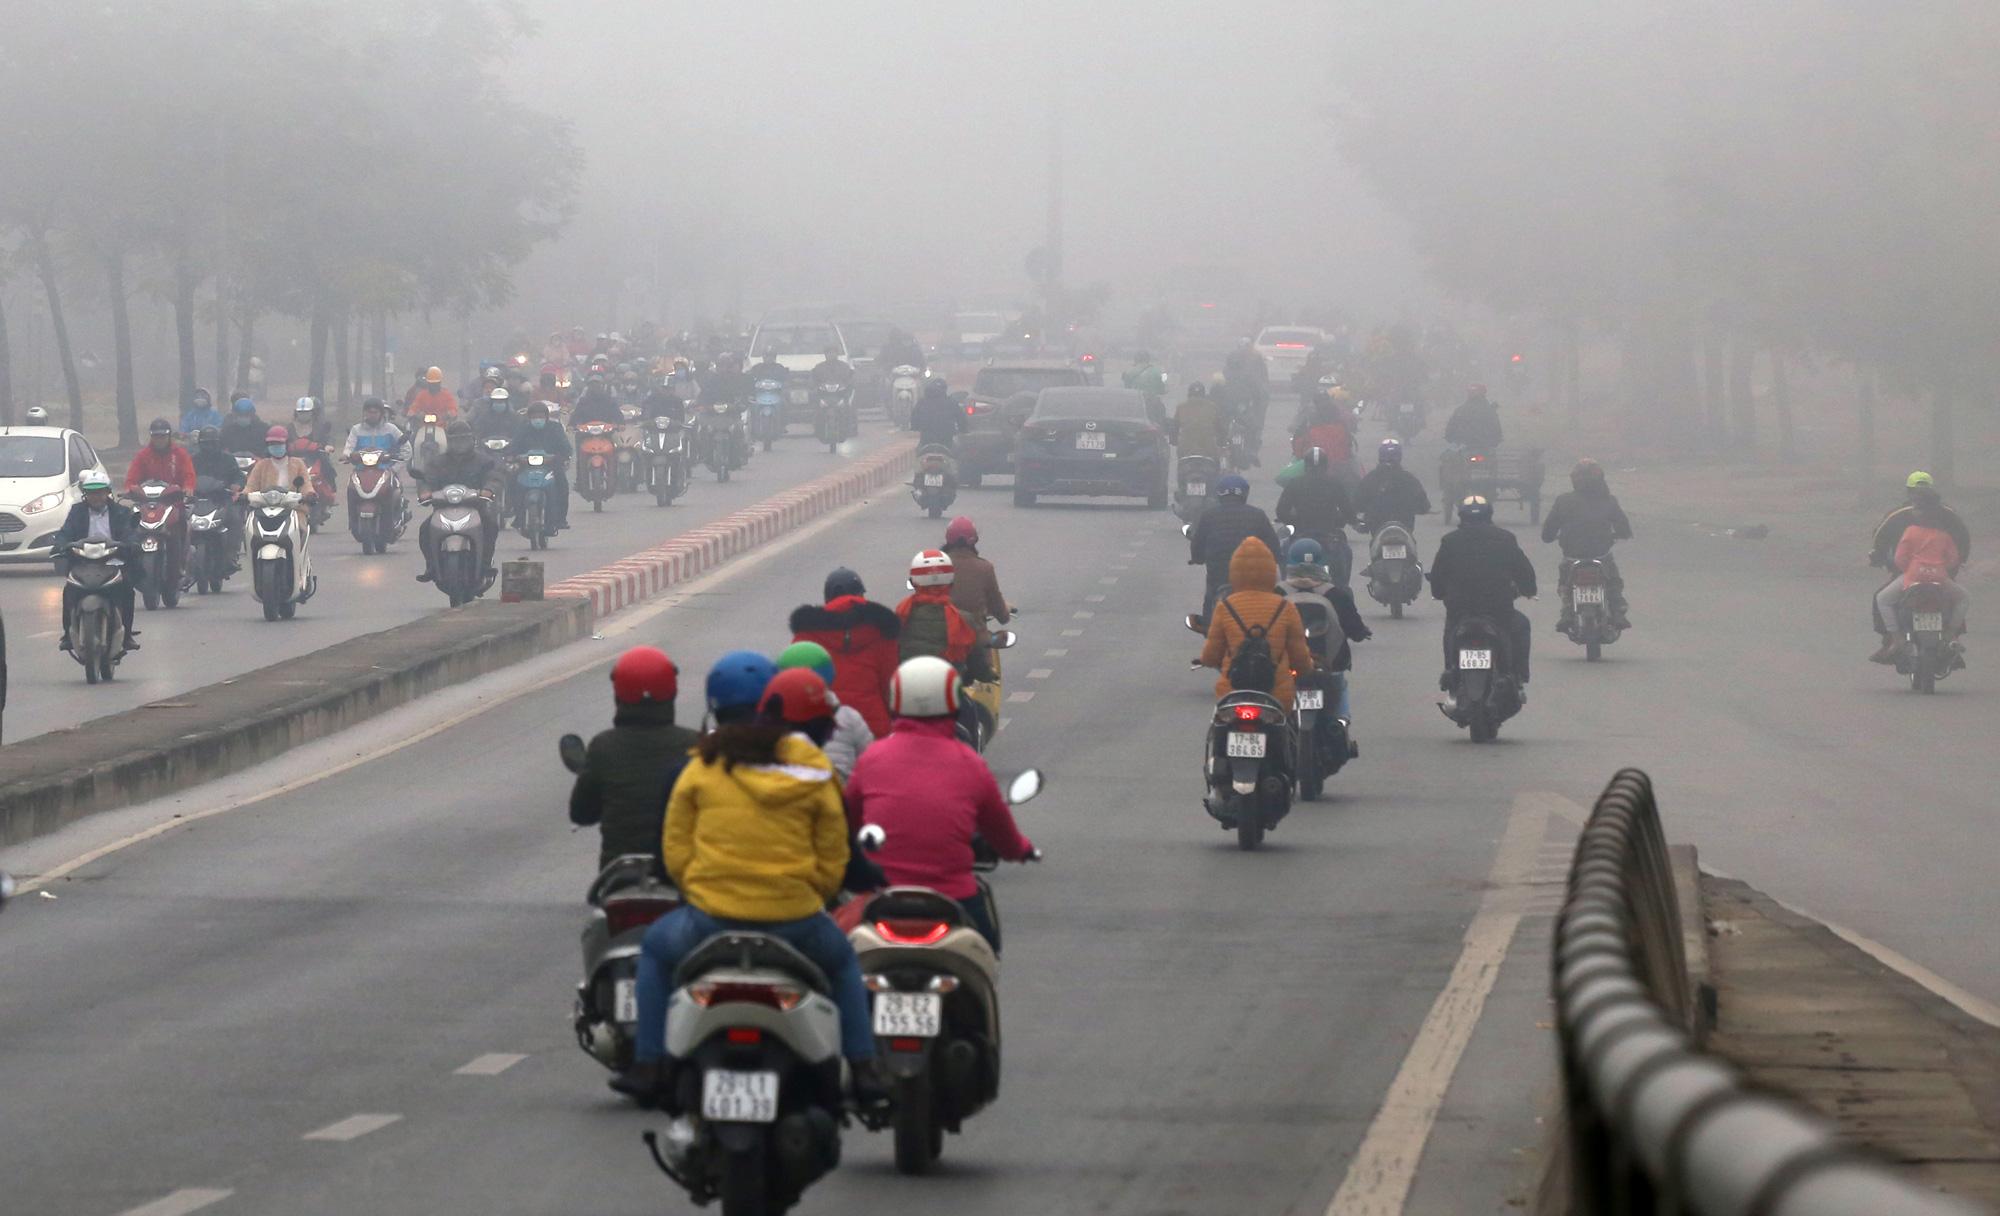 Hà Nội chìm trong sương mù giữa dịch virus corona - Ảnh 9.